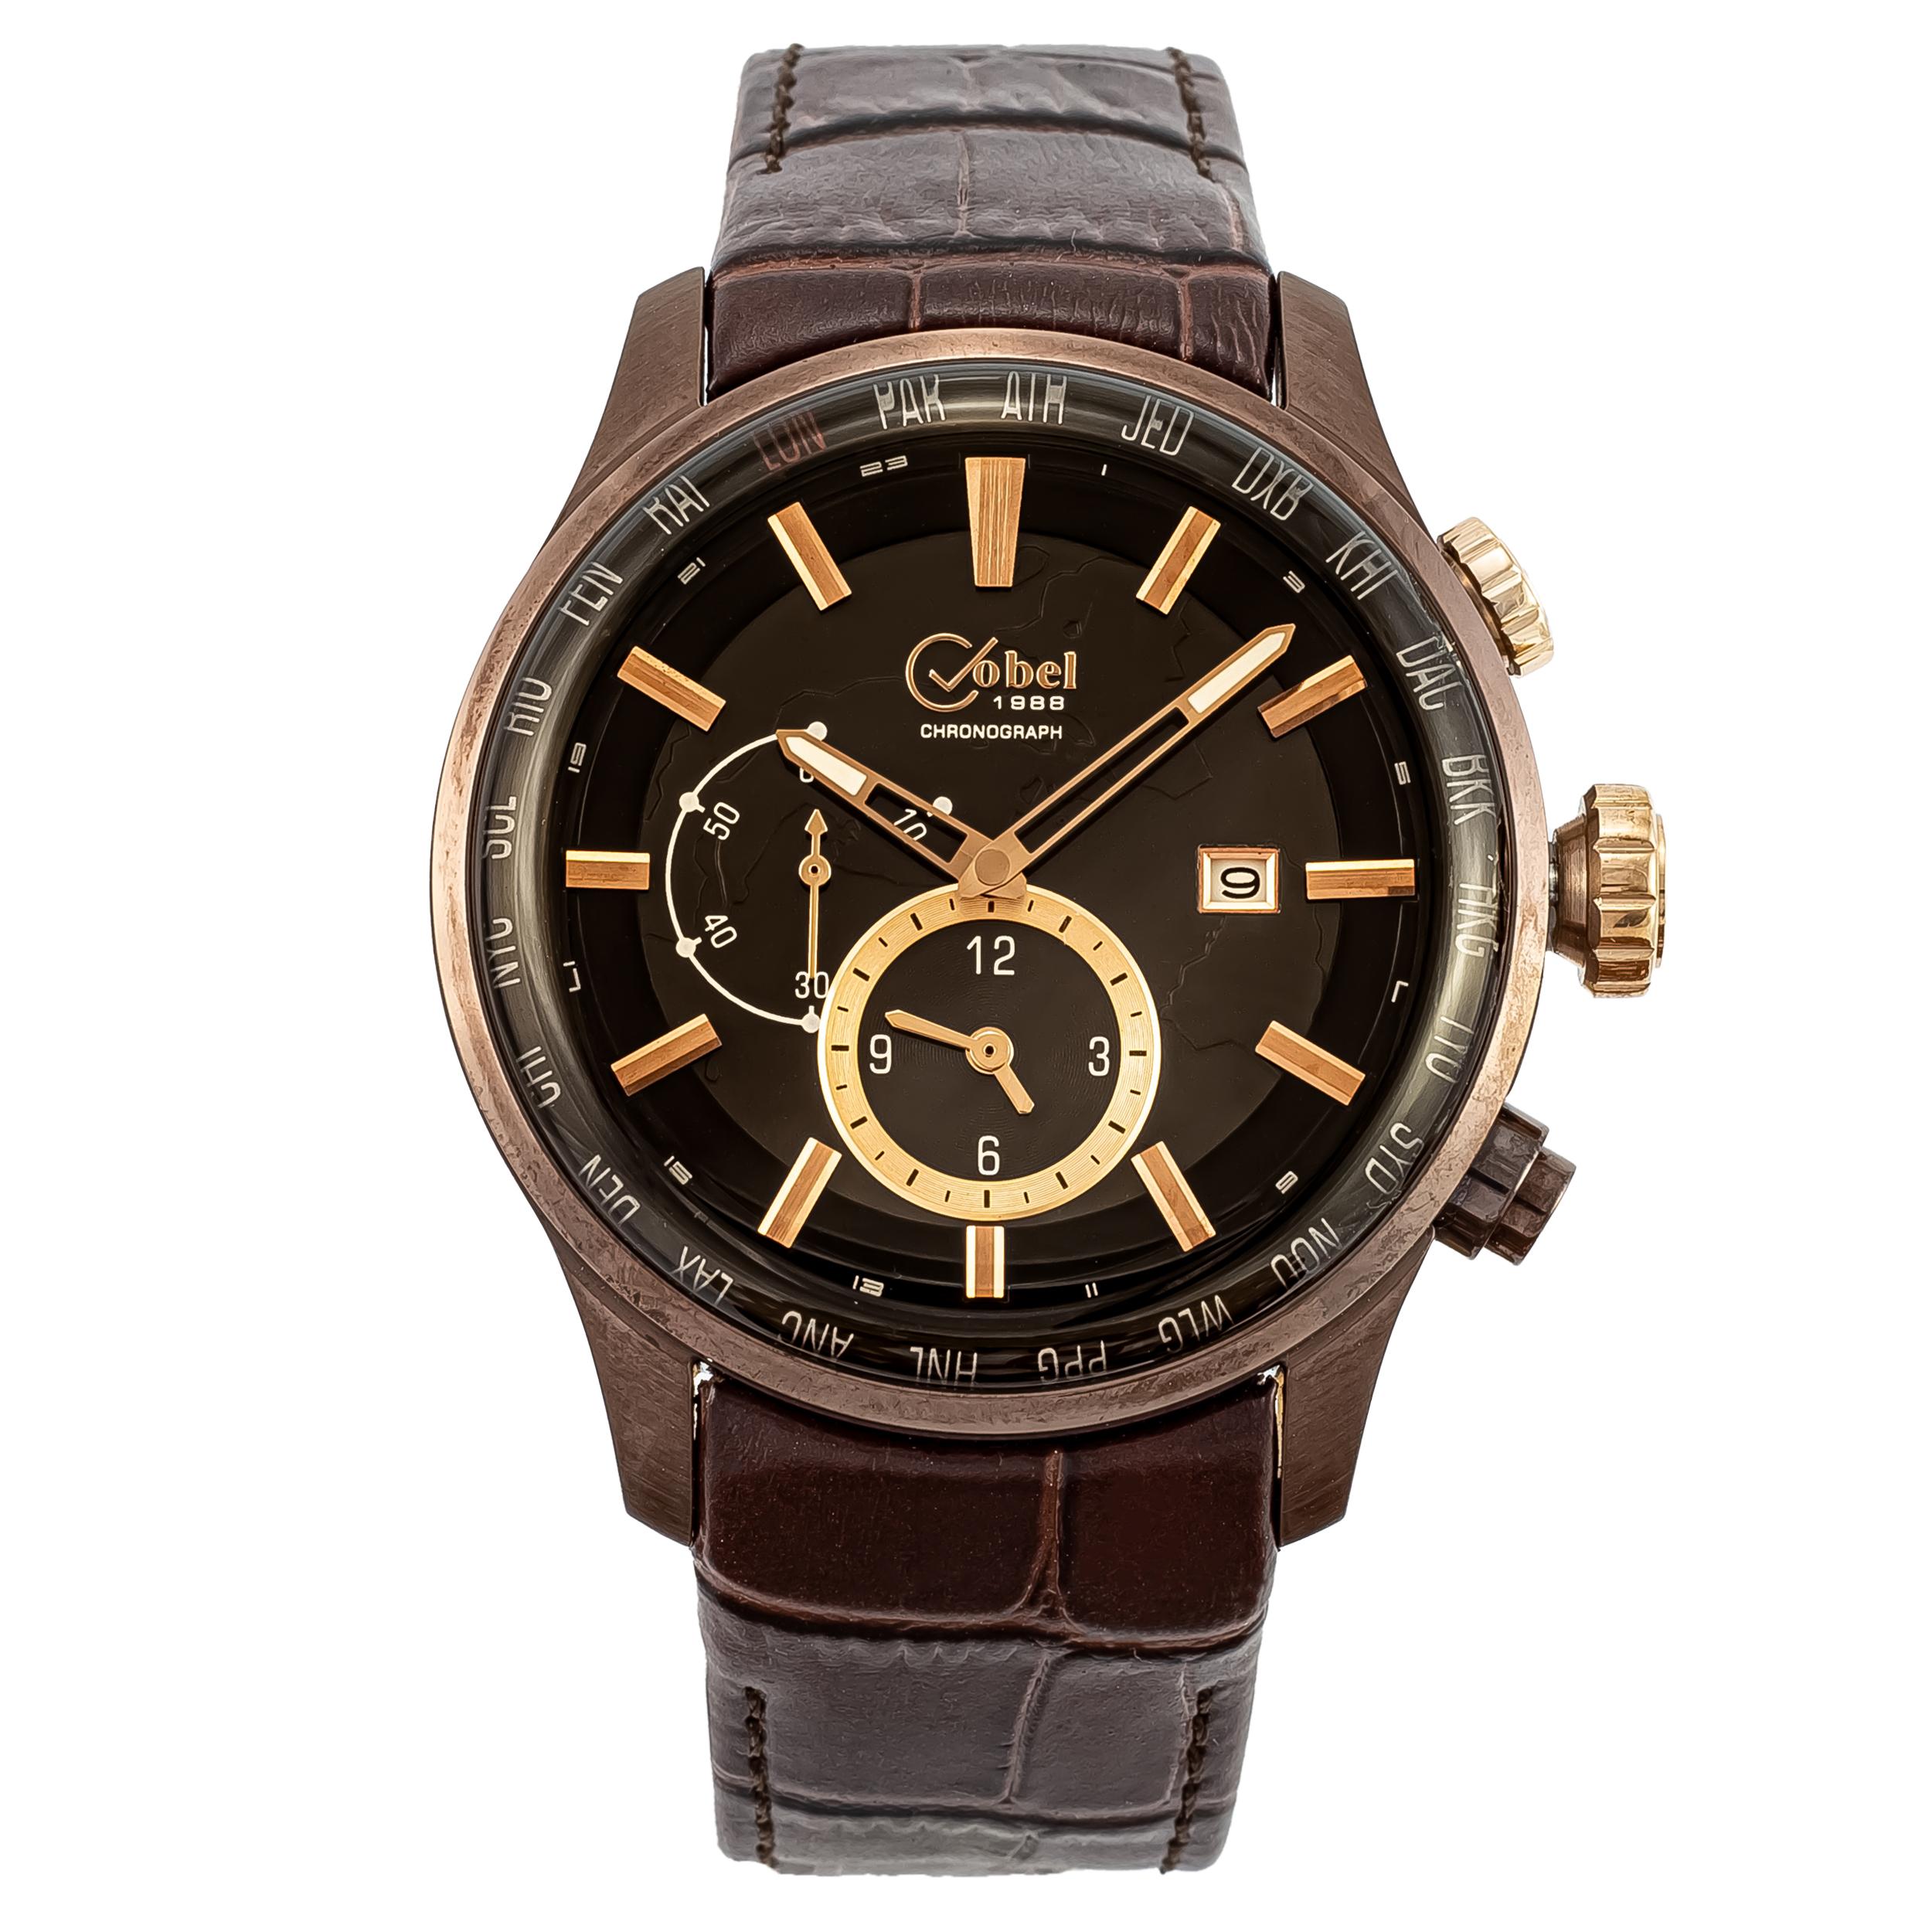 ساعت مچی عقربهای مردانه کوبل مدل CB6104